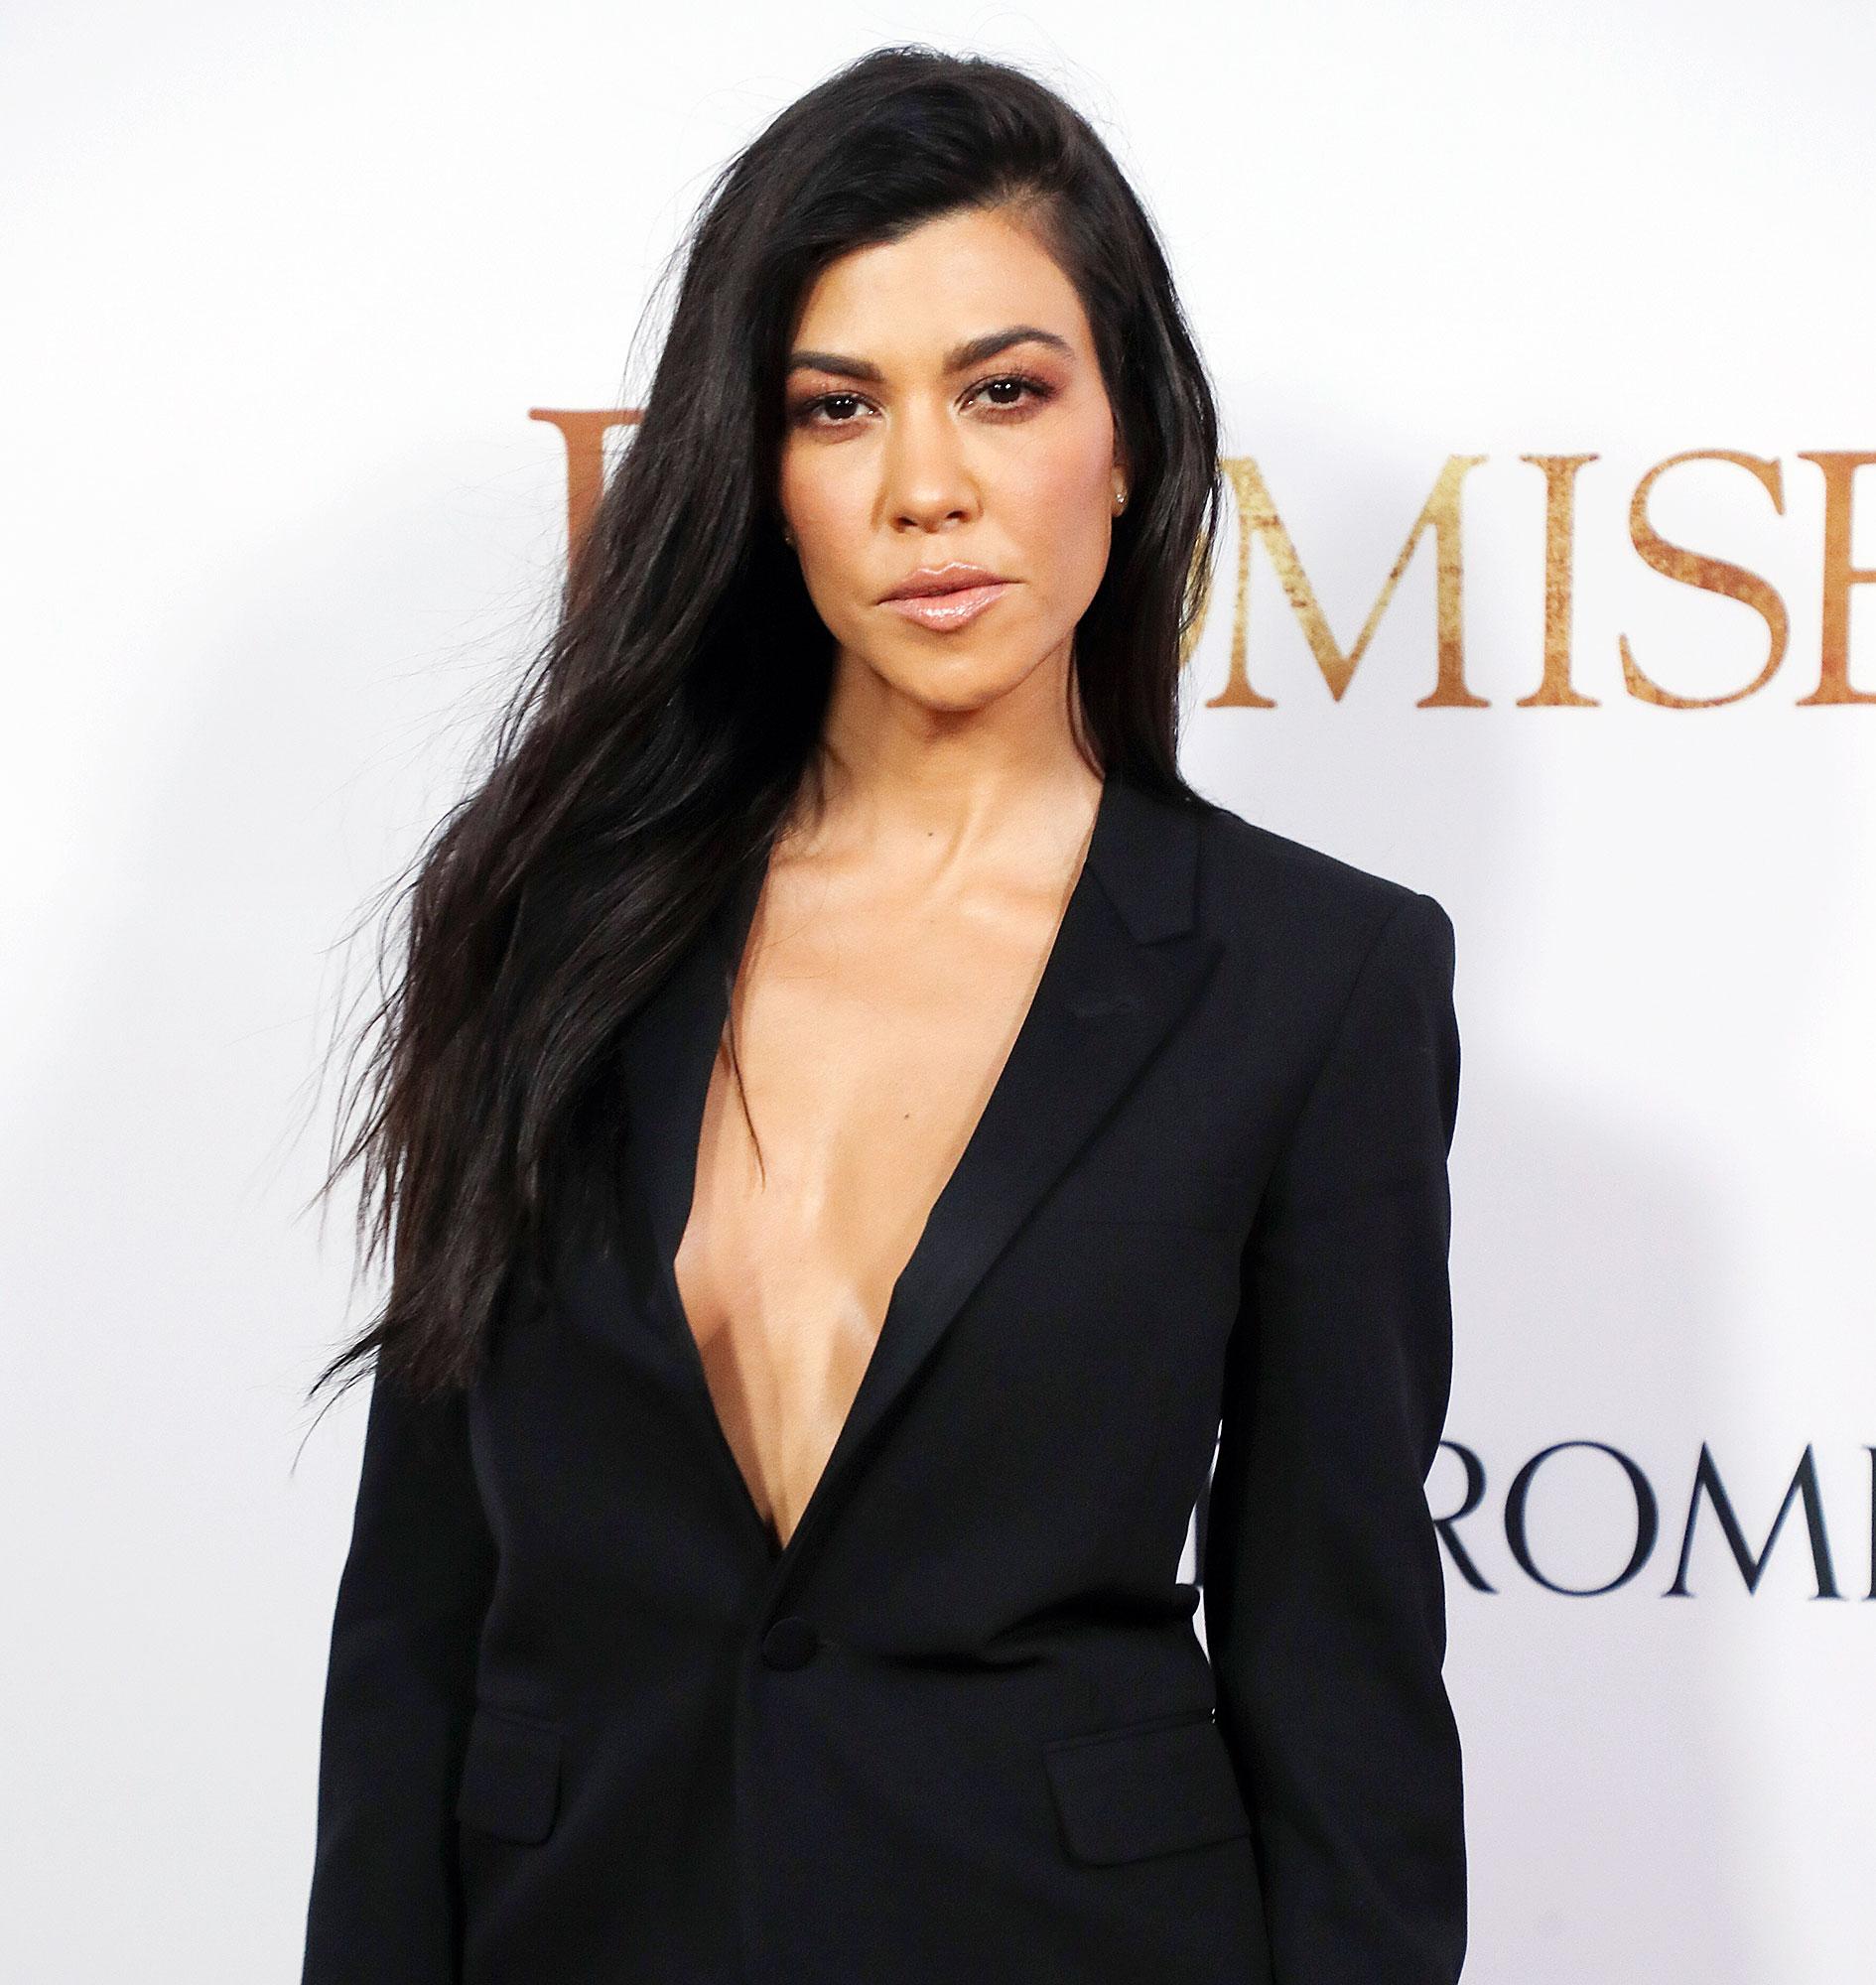 Kourtney Kardashian Claims She Quit Keeping Up With the Kardashians